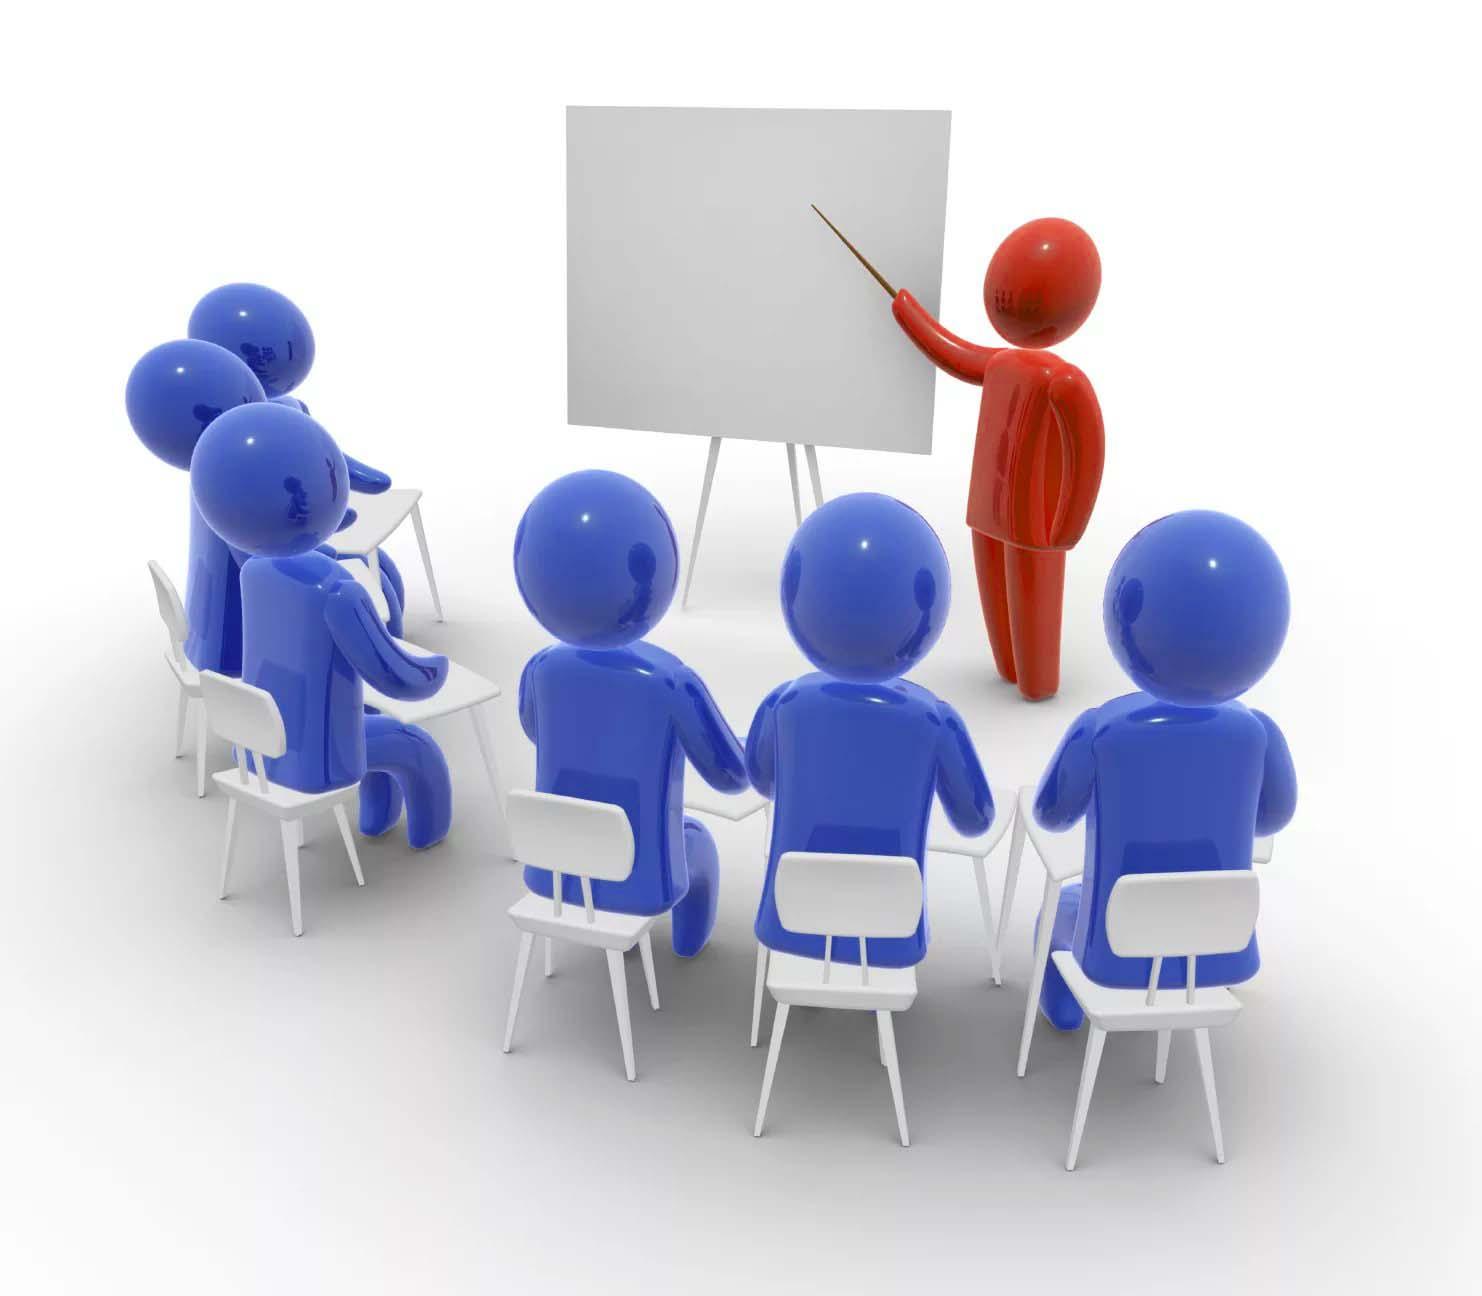 Тренінг «Управління проектним циклом: розробка системної моделі та паспорту проекту»